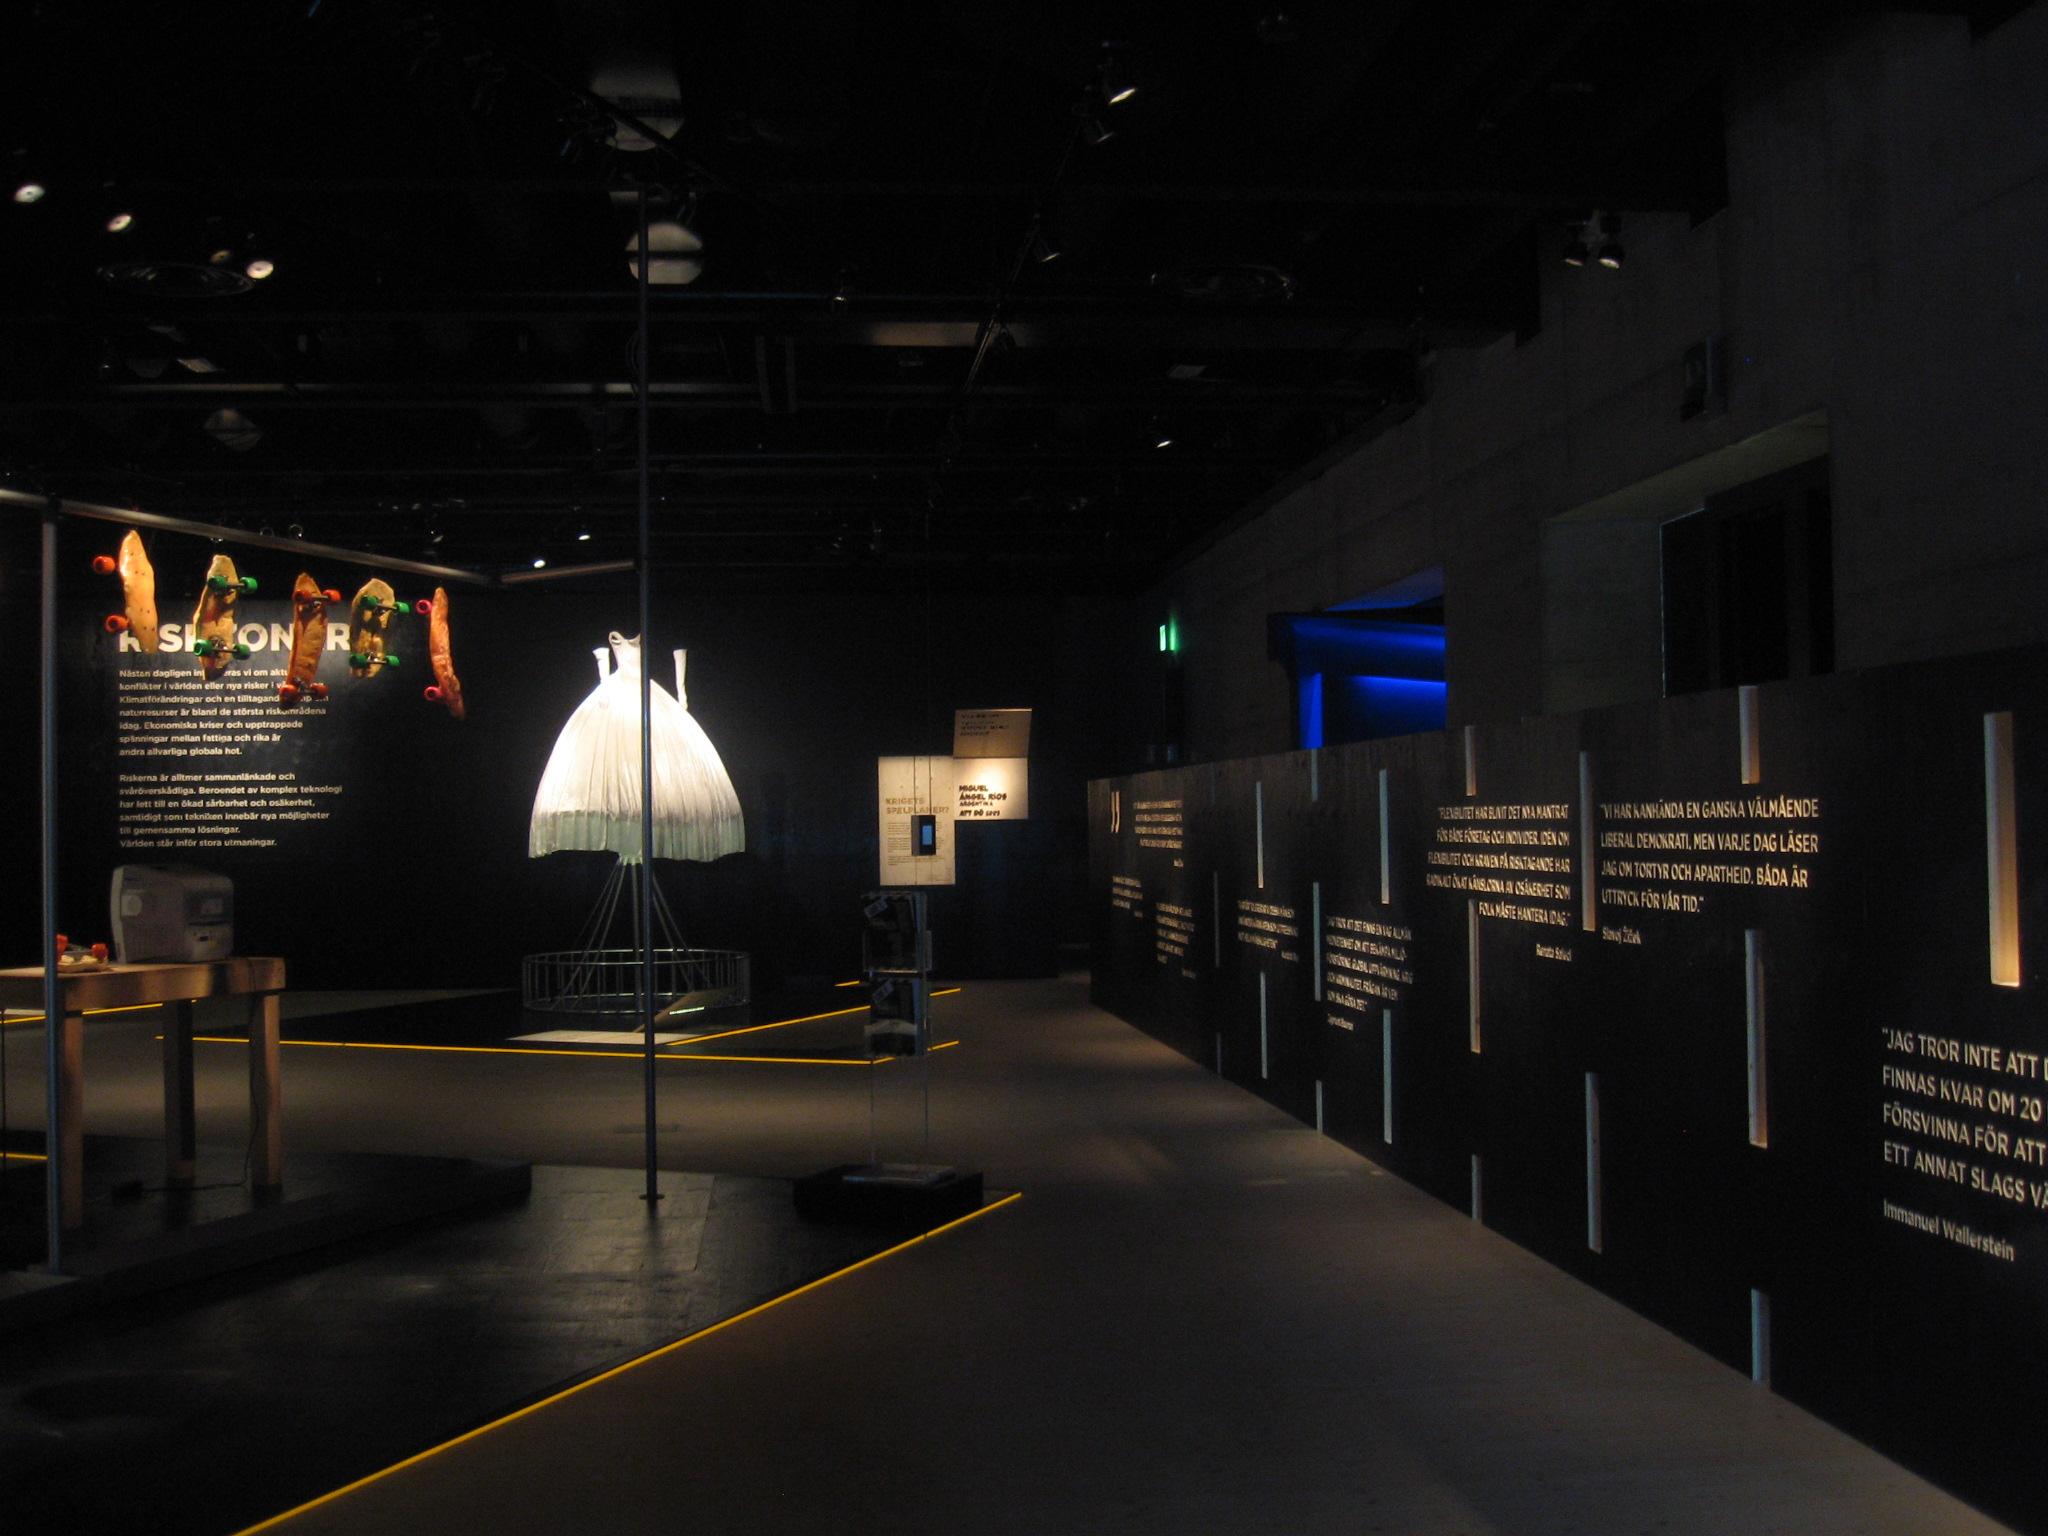 MWC Risk Zones - vista global da exposição 2011